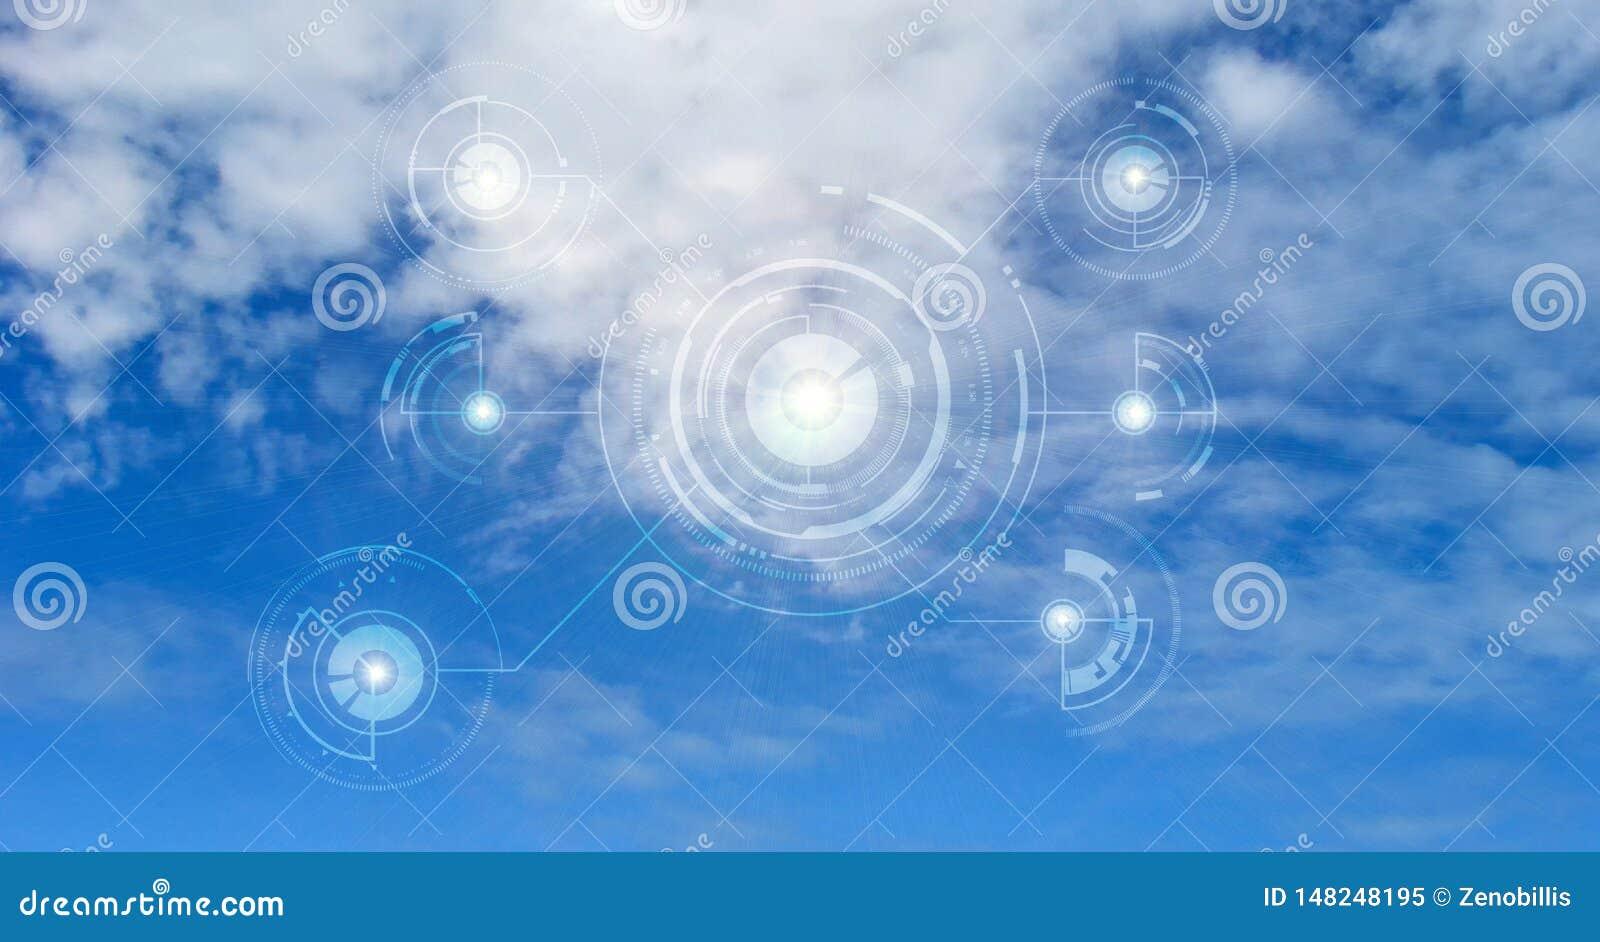 Concetto della rete di computazione della nube Protezione dei dati Concetto cyber globale di sicurezza della rete dello spazio